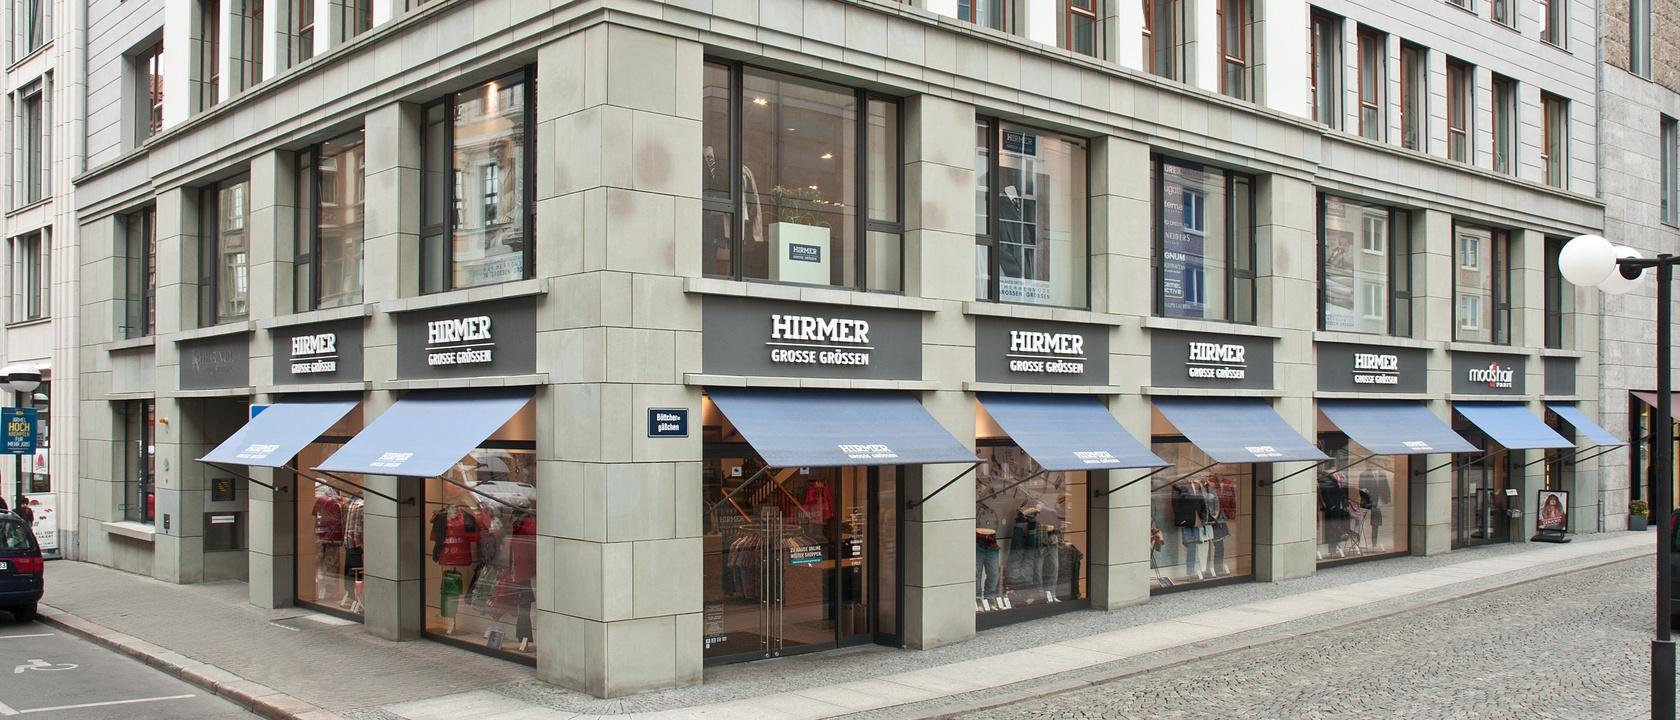 wähle authentisch Fang am besten online Men's plus size fashion in Leipzig   Hirmer BIG & TALL